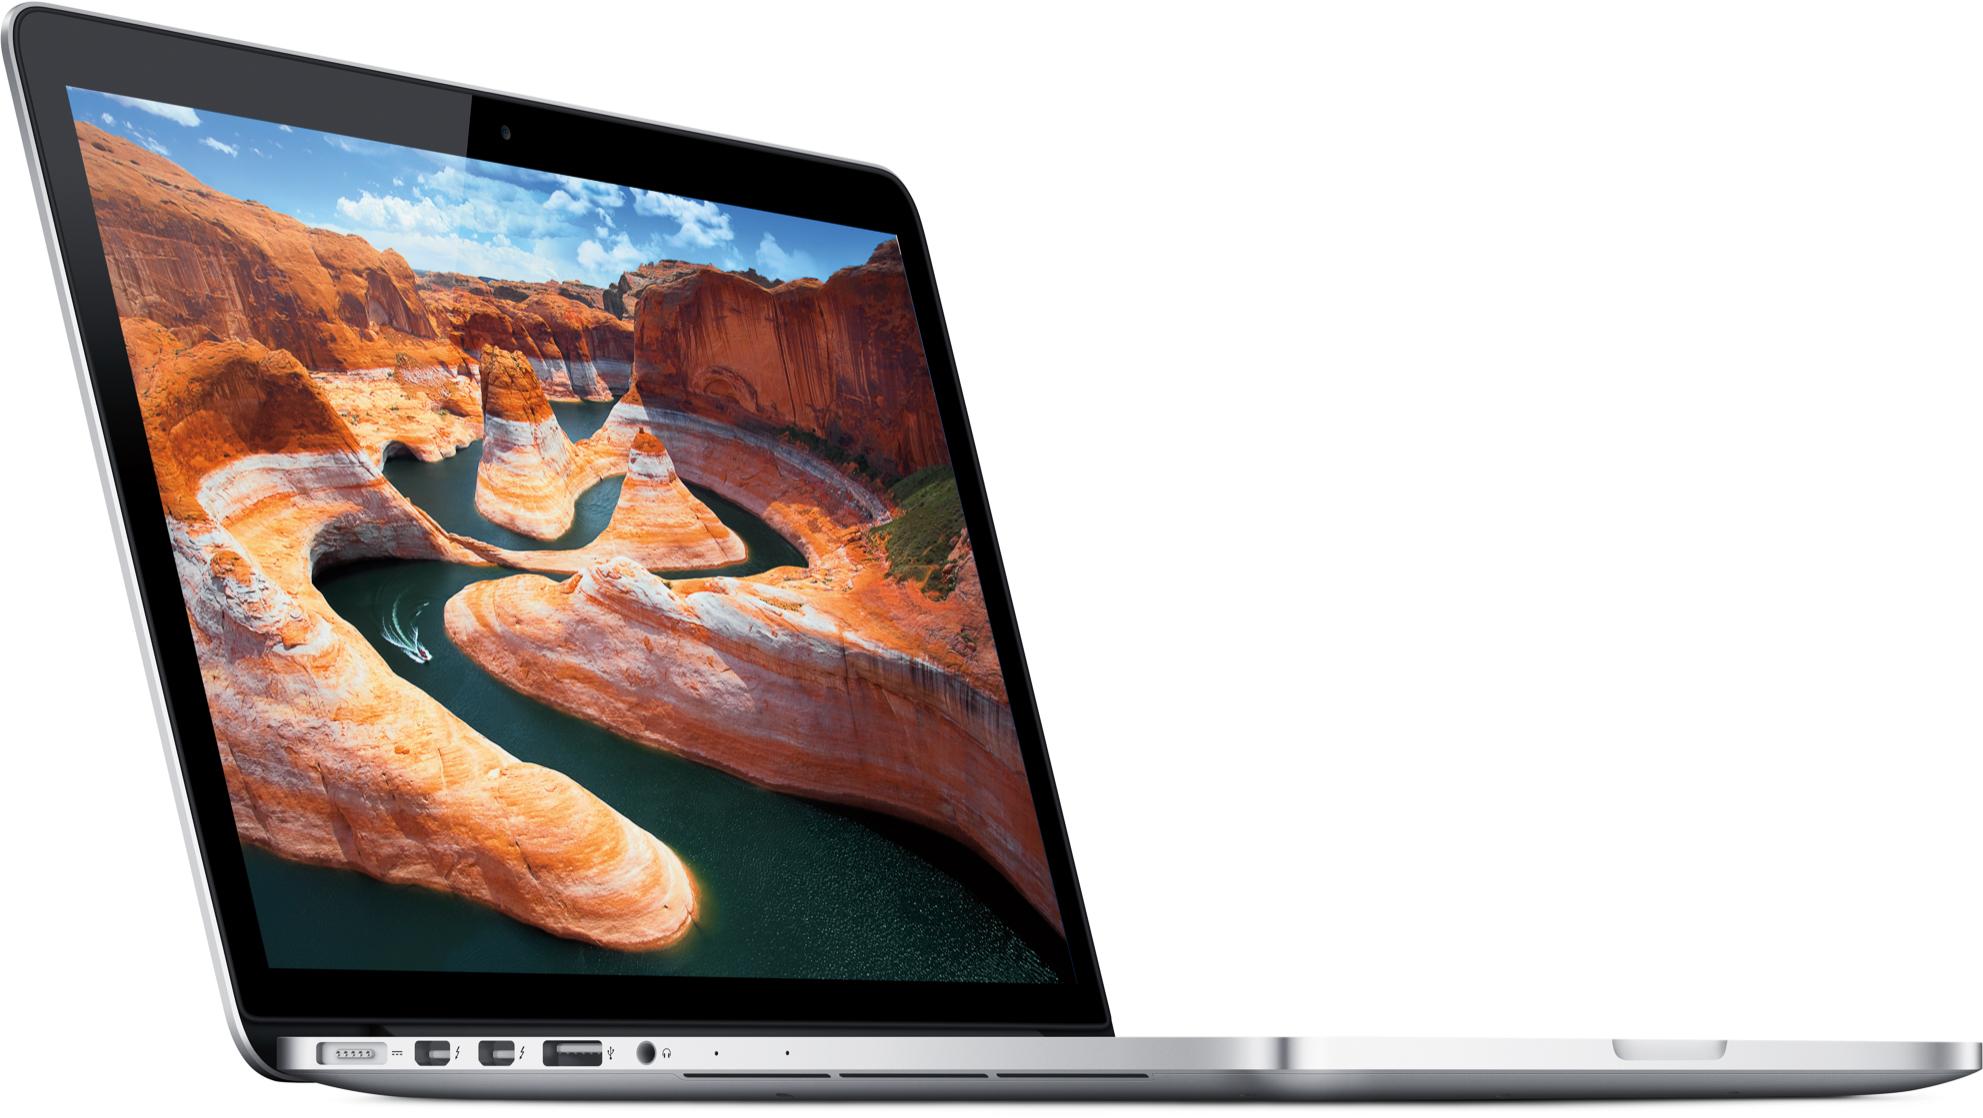 MacBook Pro de 13 polegadas com tela Retina de frente e inclinado